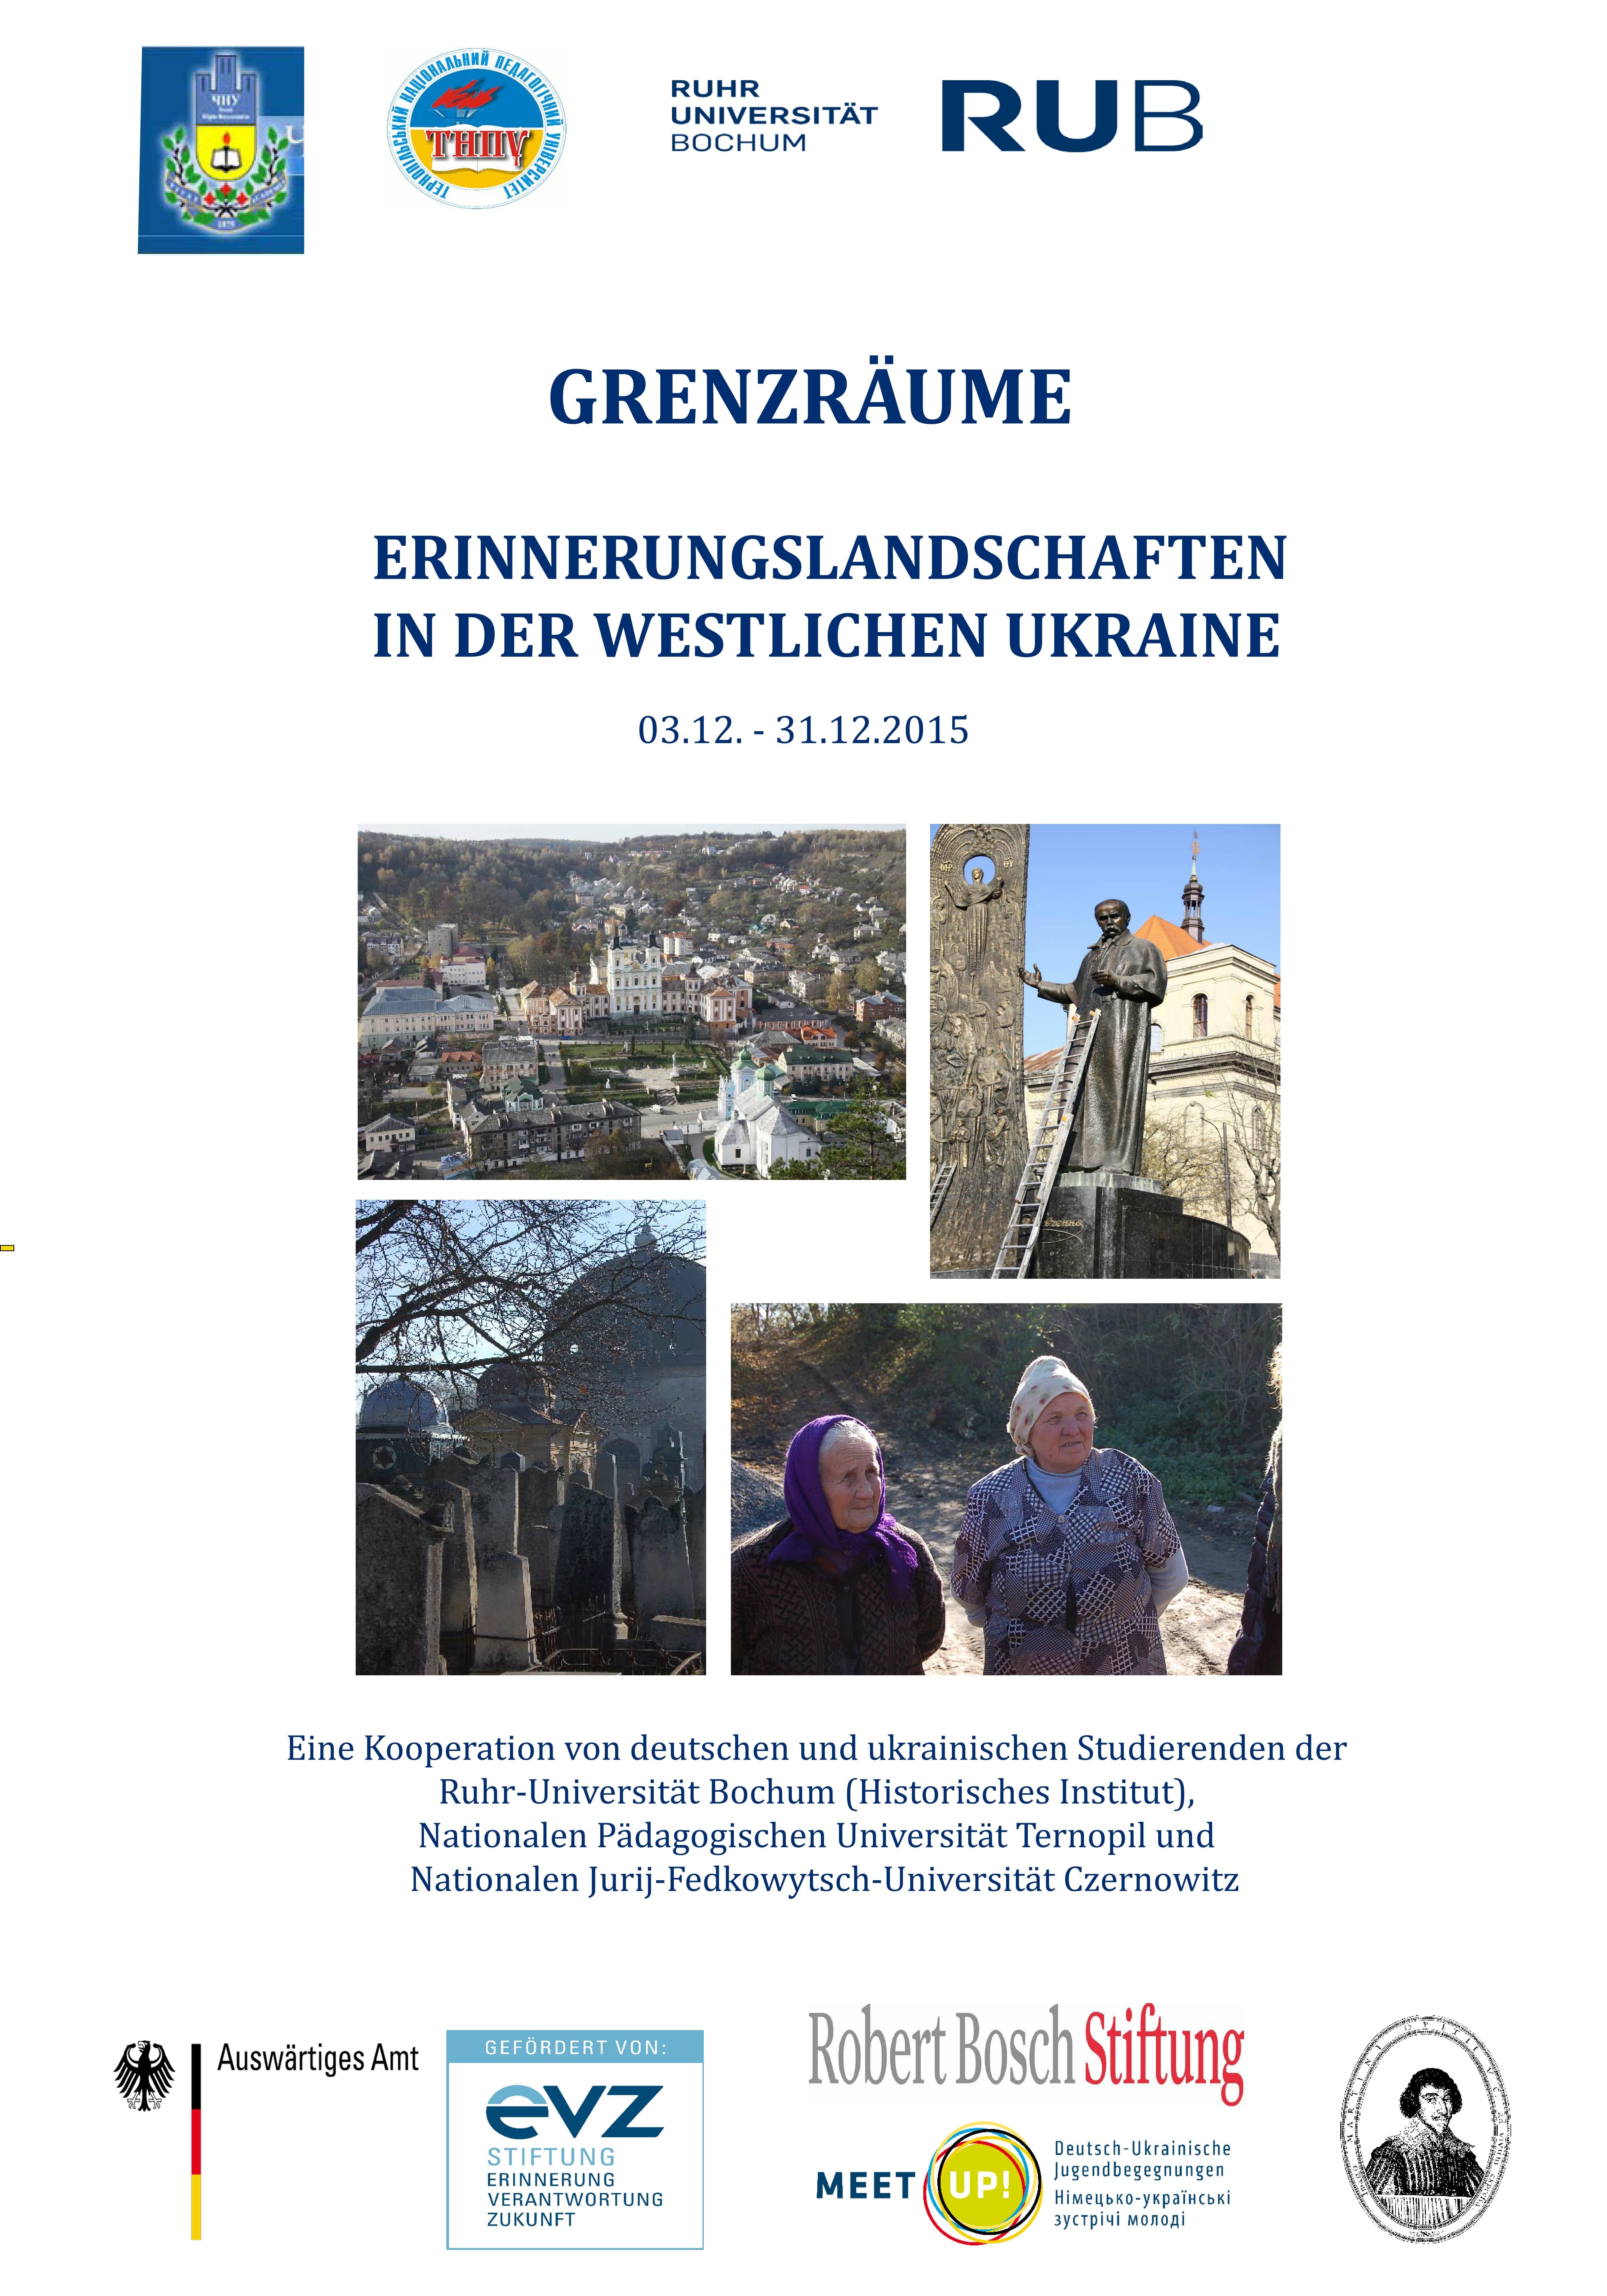 [Poster 1 und 2] Cover und Impressum-1